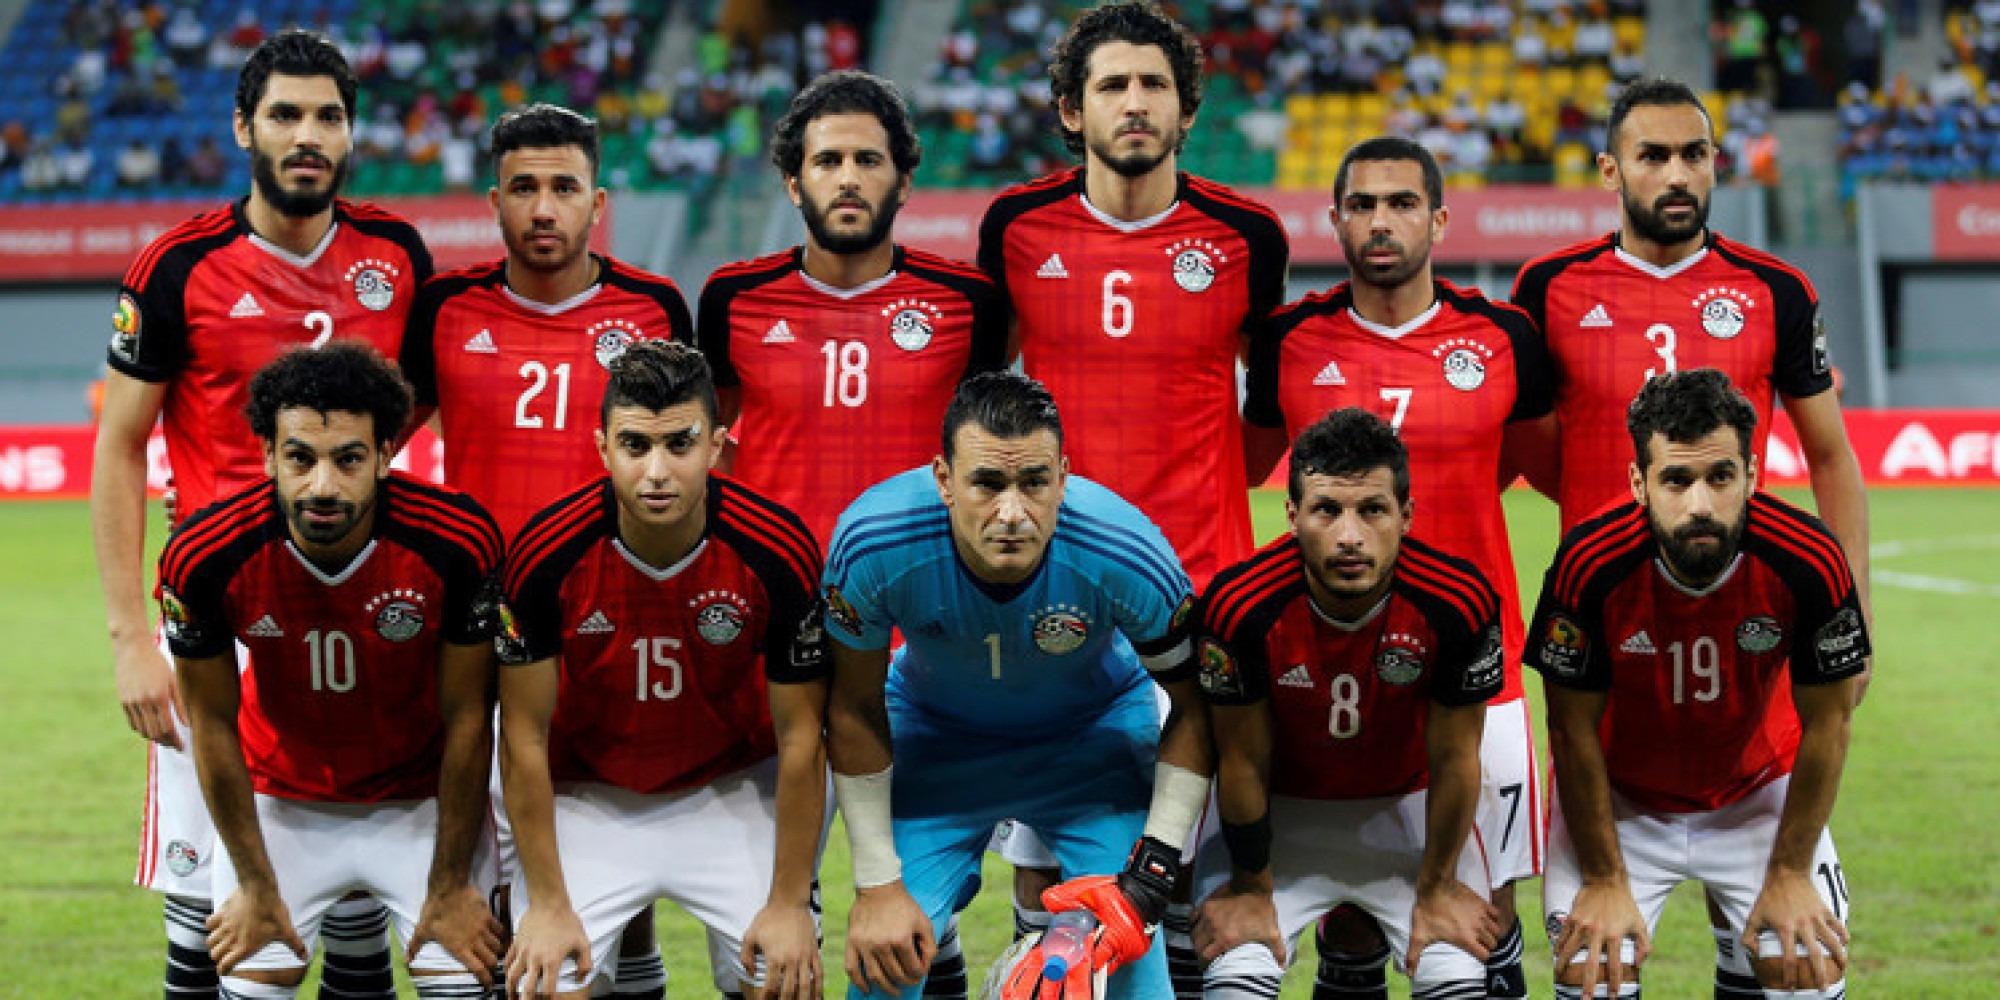 توفير شاشات لعرض مباراة منتخب مصر في المدن الجامعية بأسيوط